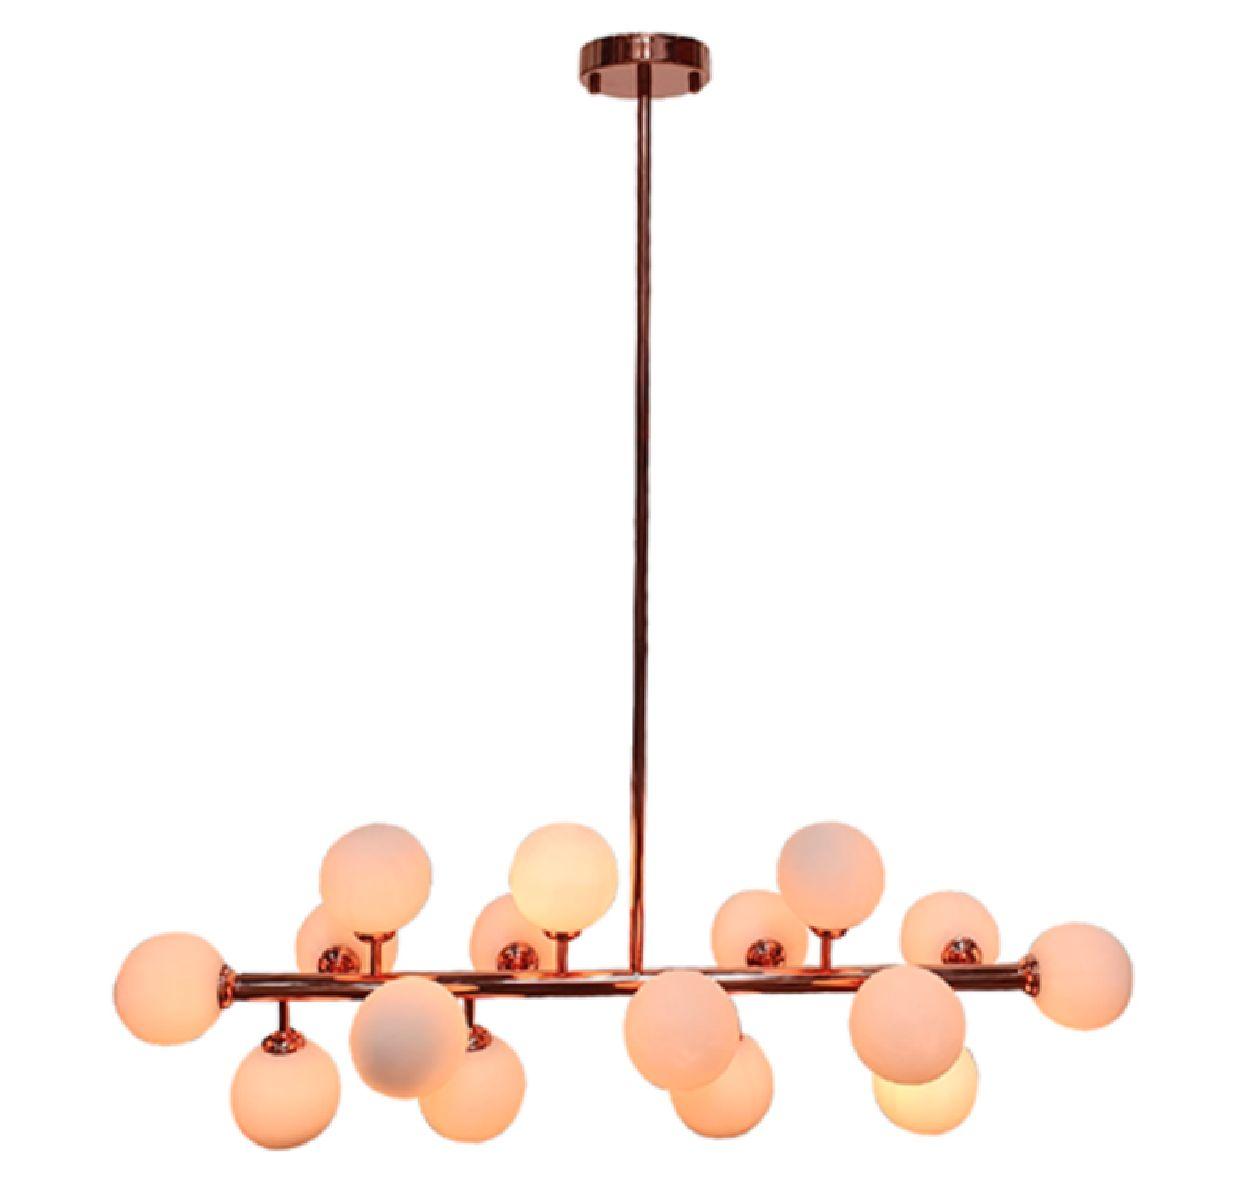 Pendente Moderno Jabuticaba Rose Com 16 Lâmpadas Led Para Mesa de Jantar Sala Bancada Área Gourmet